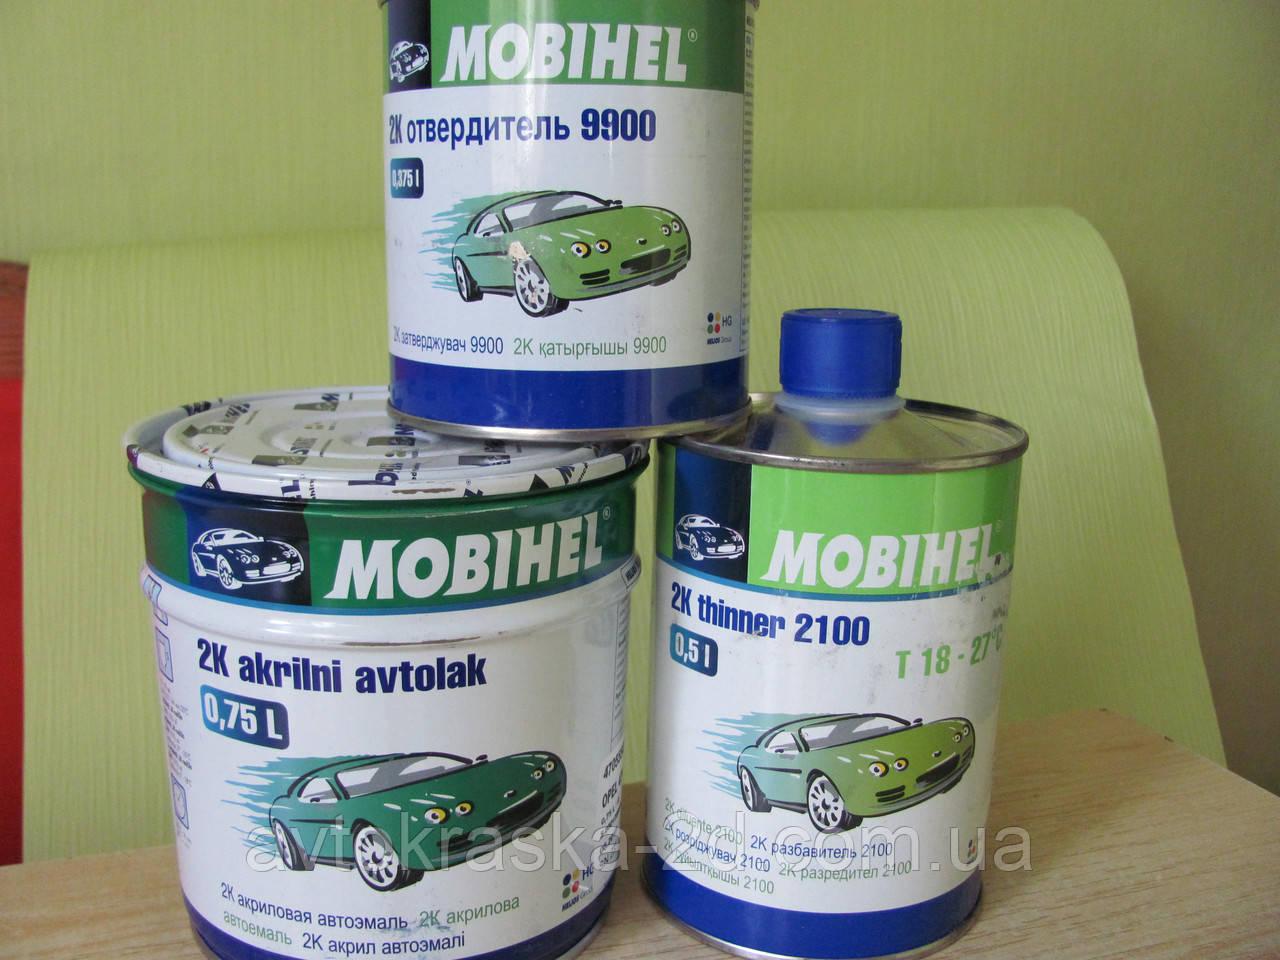 краска mobihel инструкция